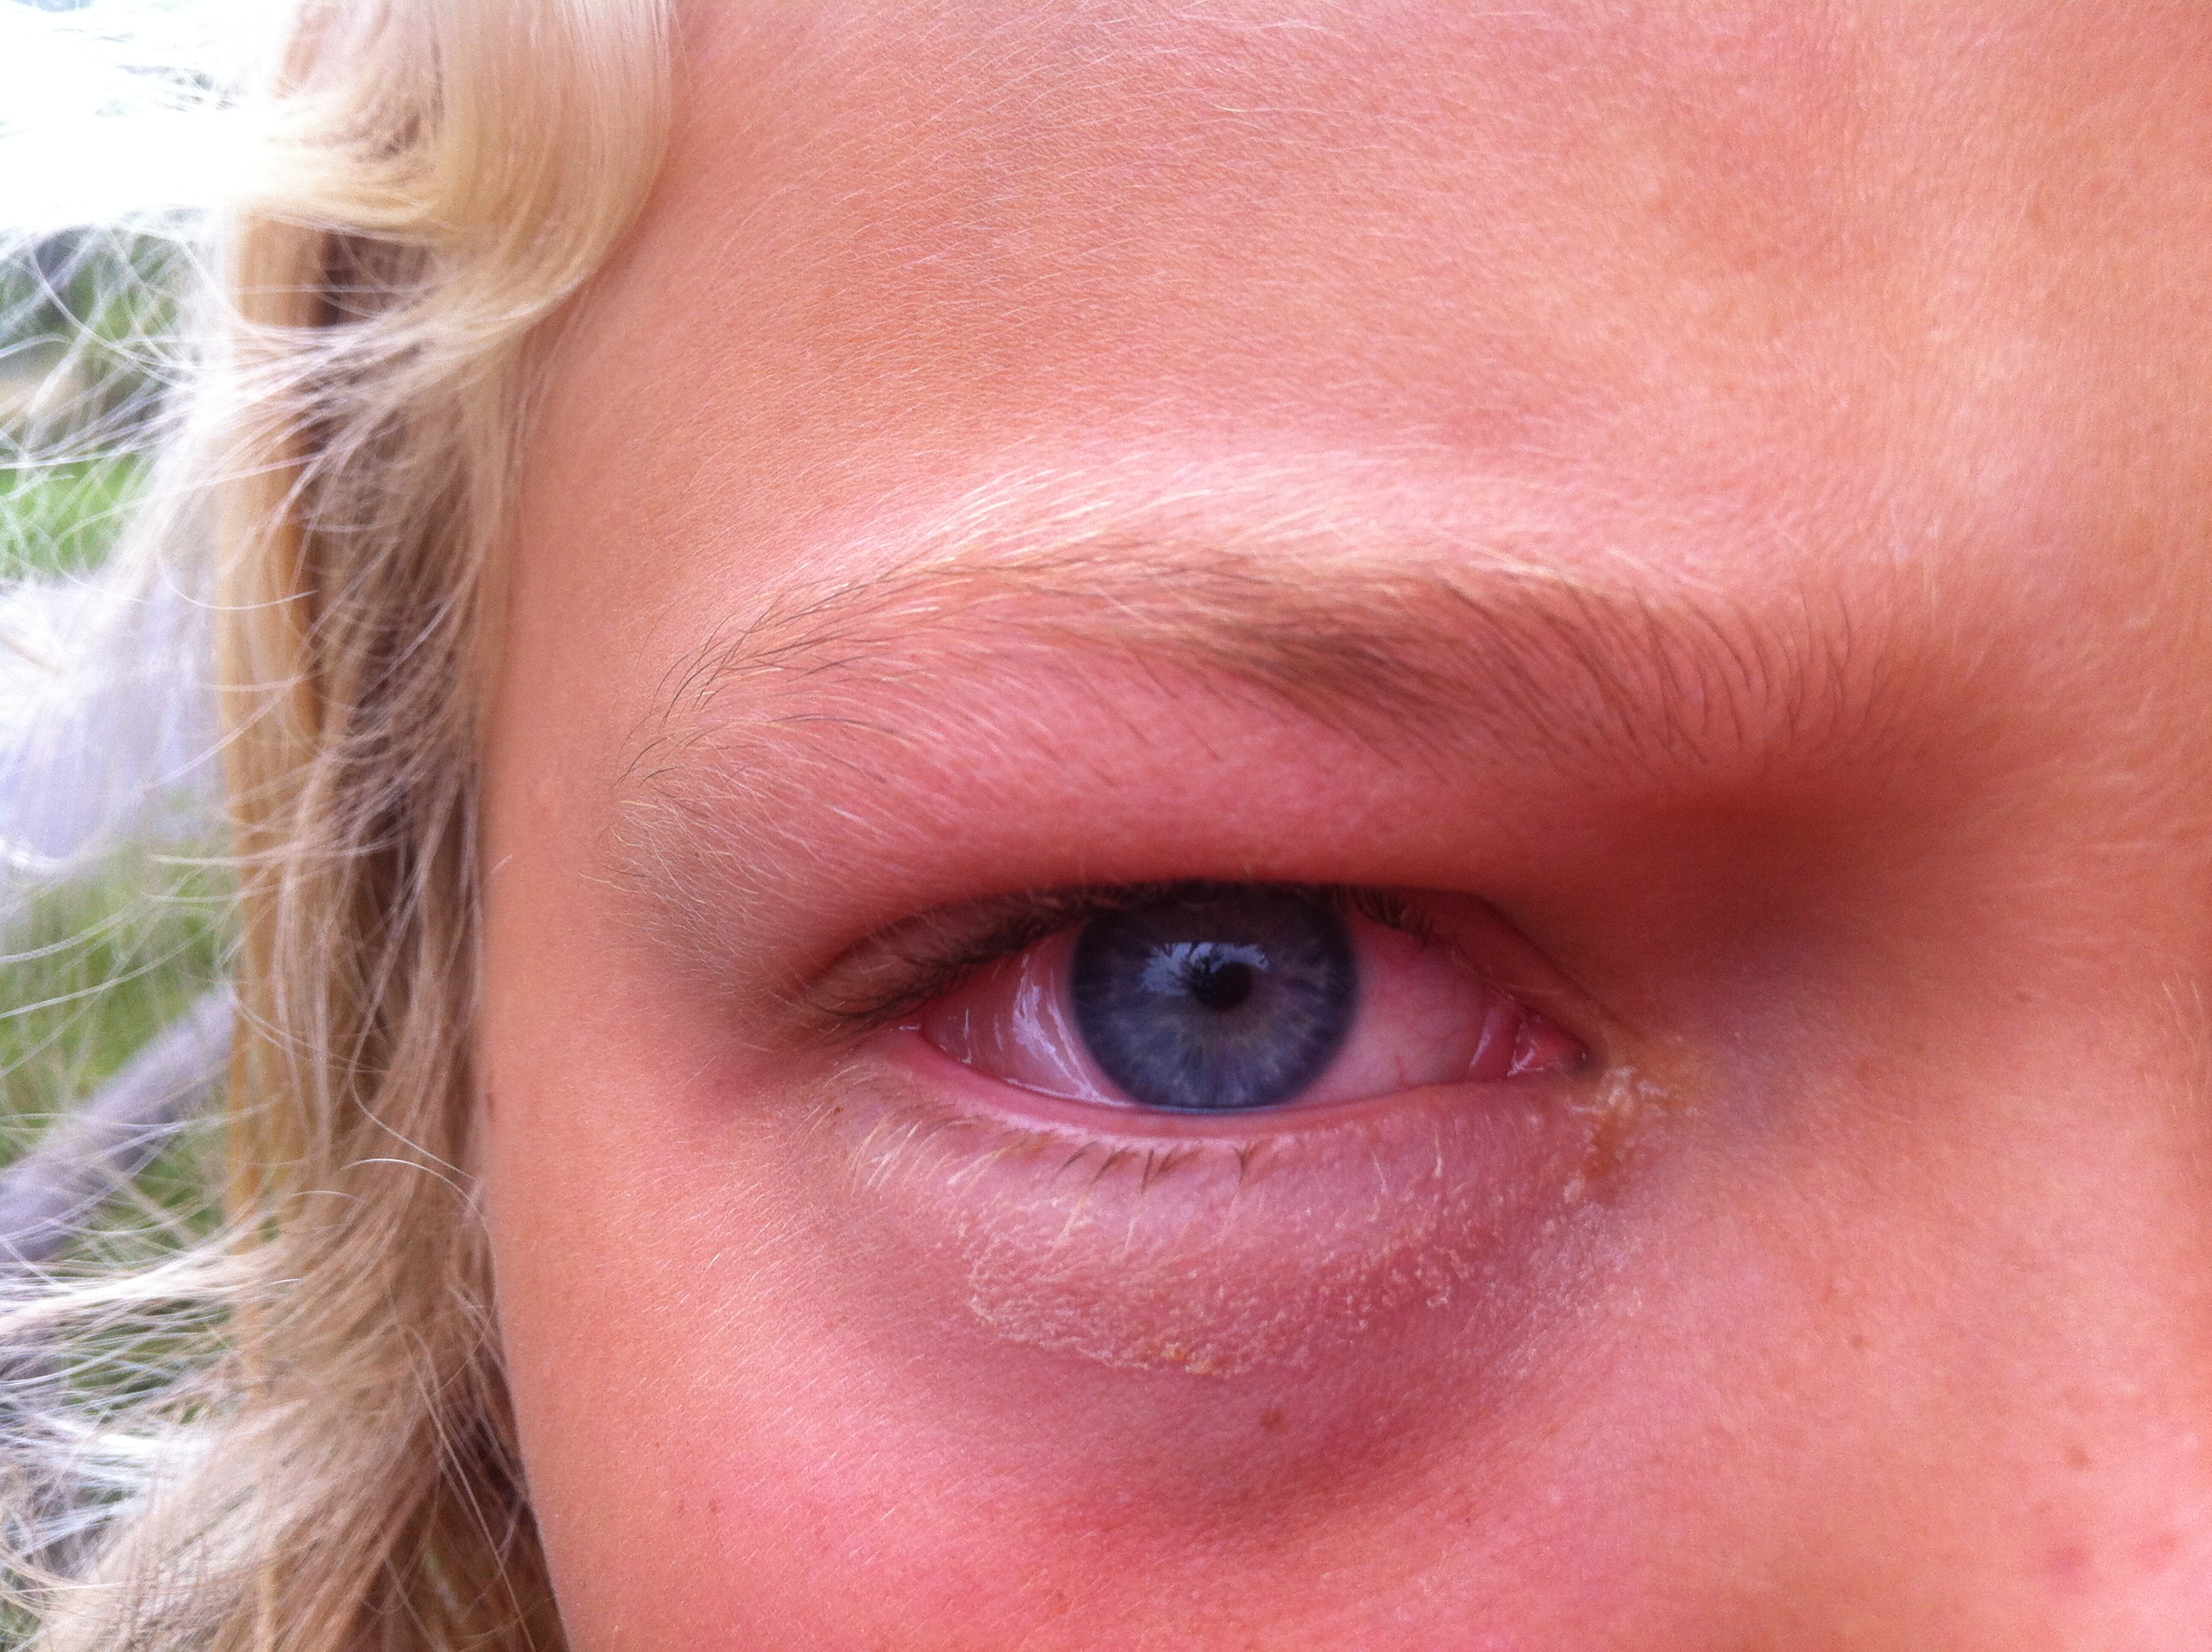 høfeber øjne